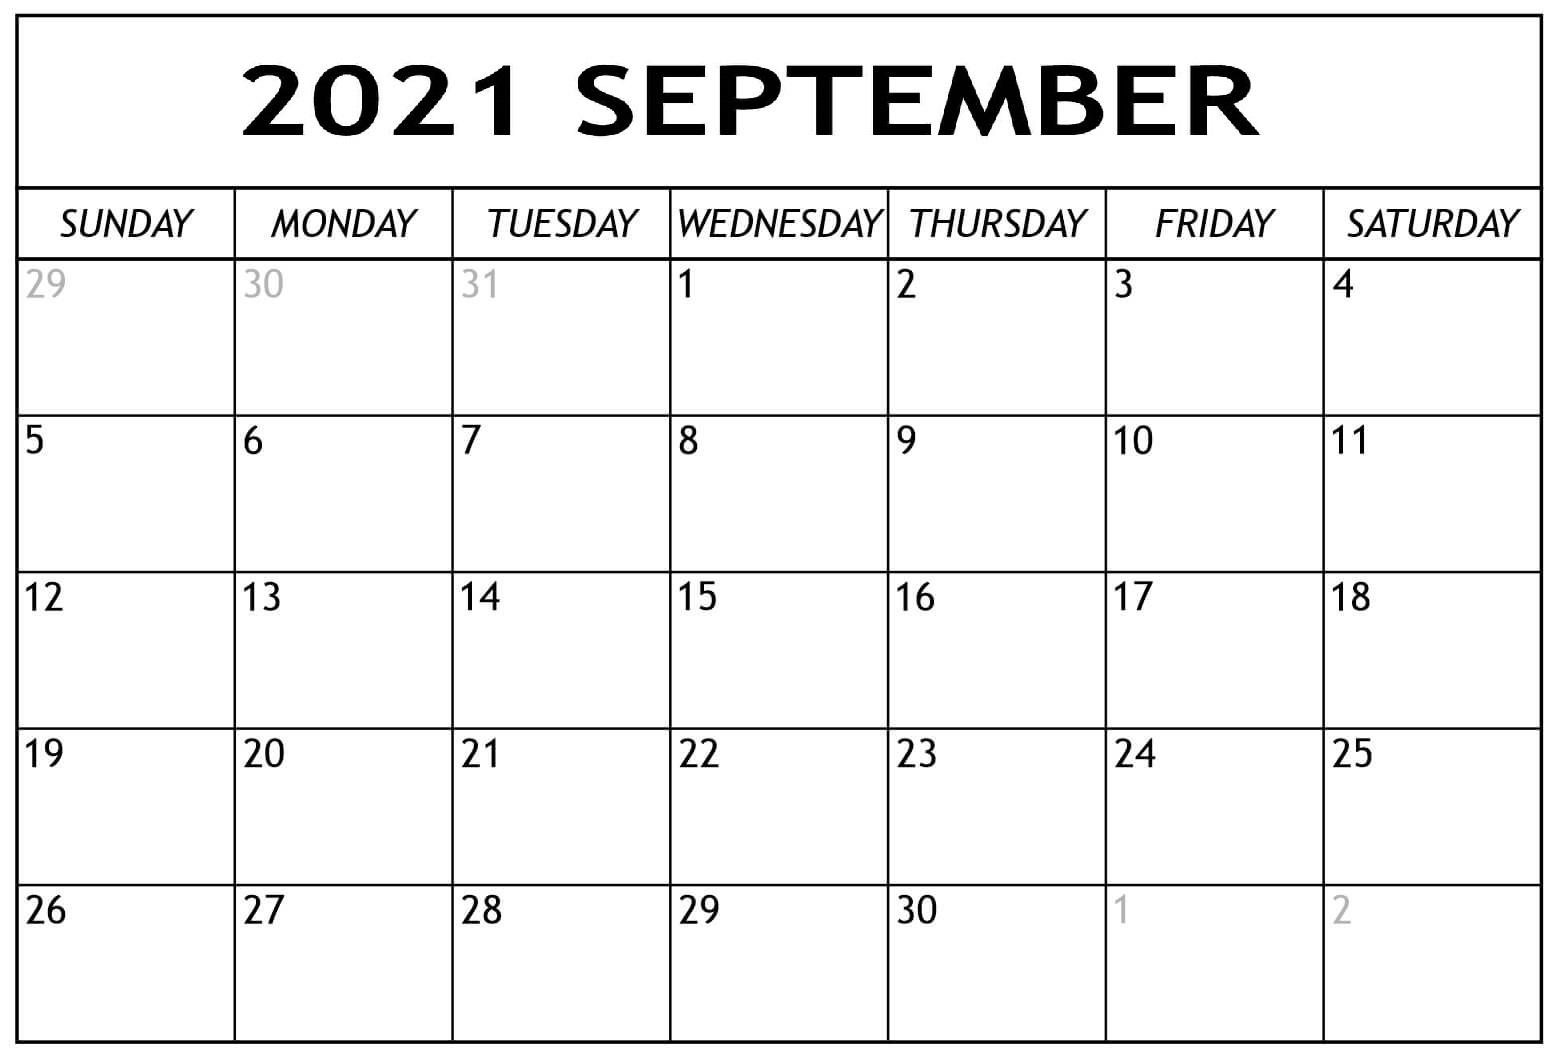 Daily September 2021 Calendar Blank